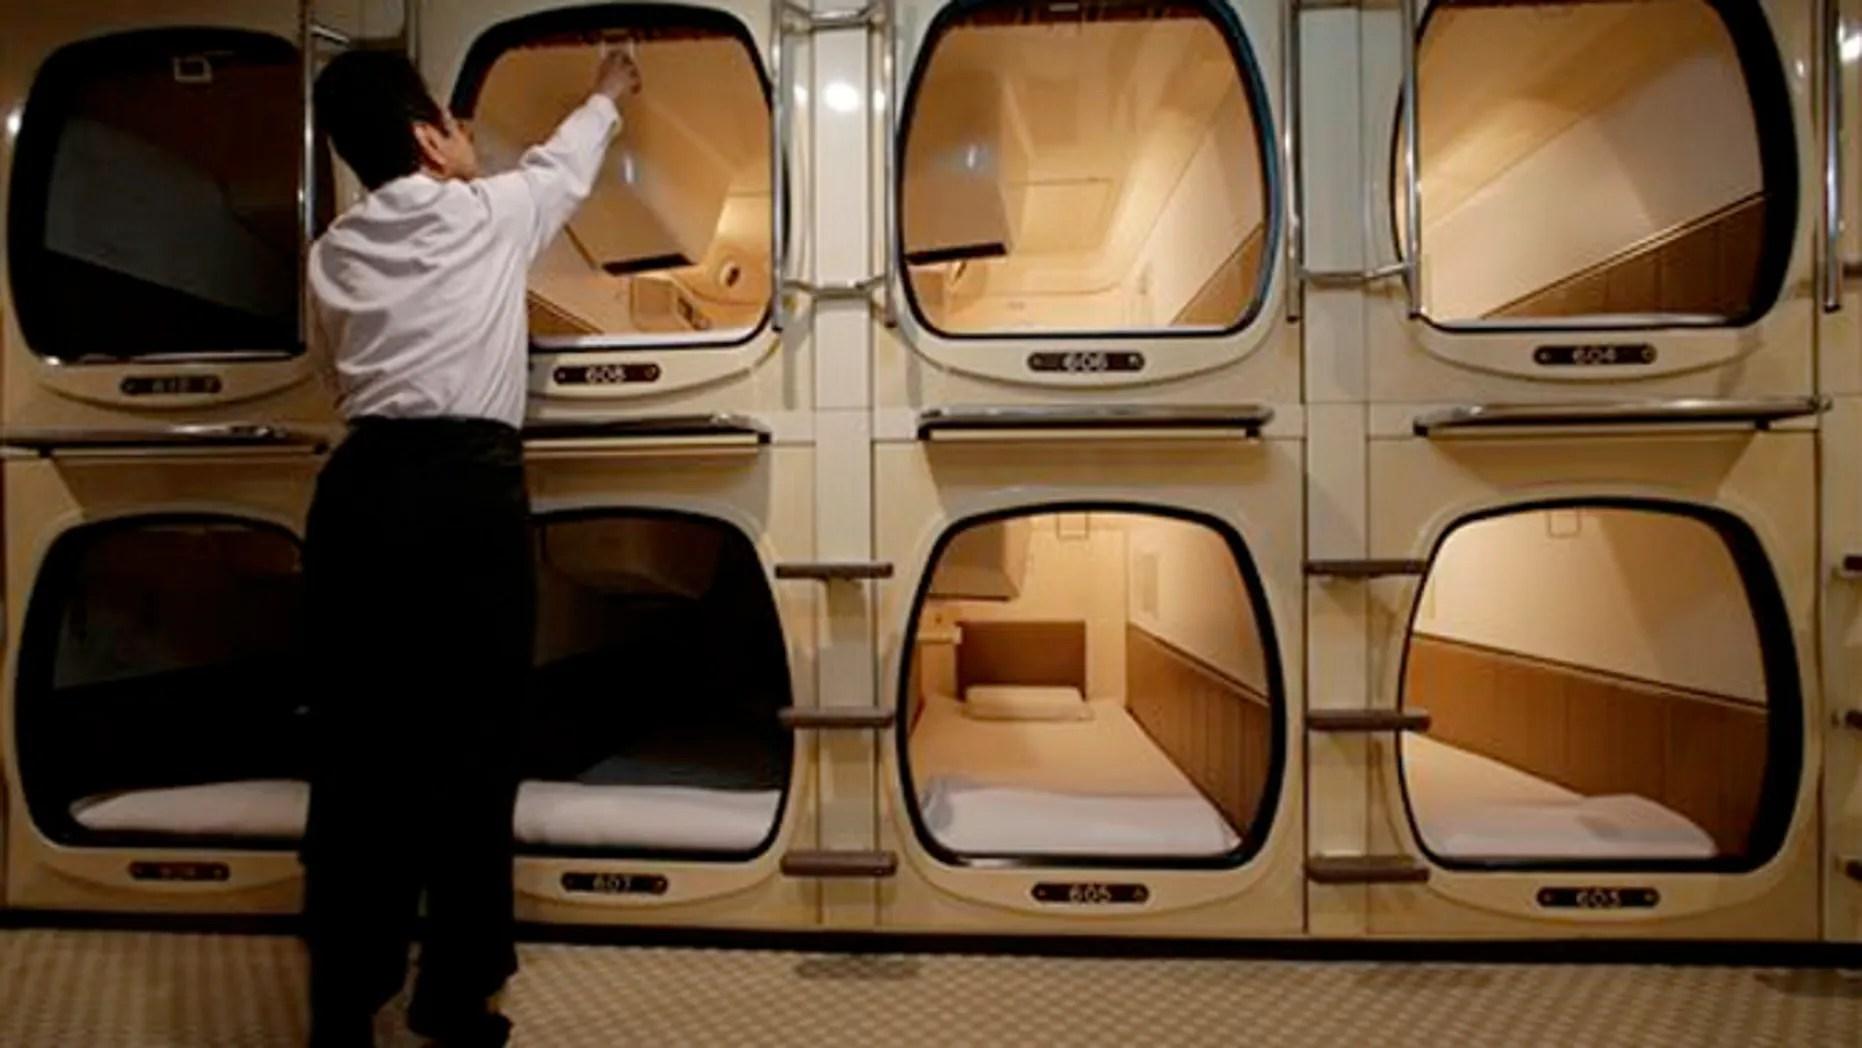 Squeezing Capsule Hotel Room In Japan Fox